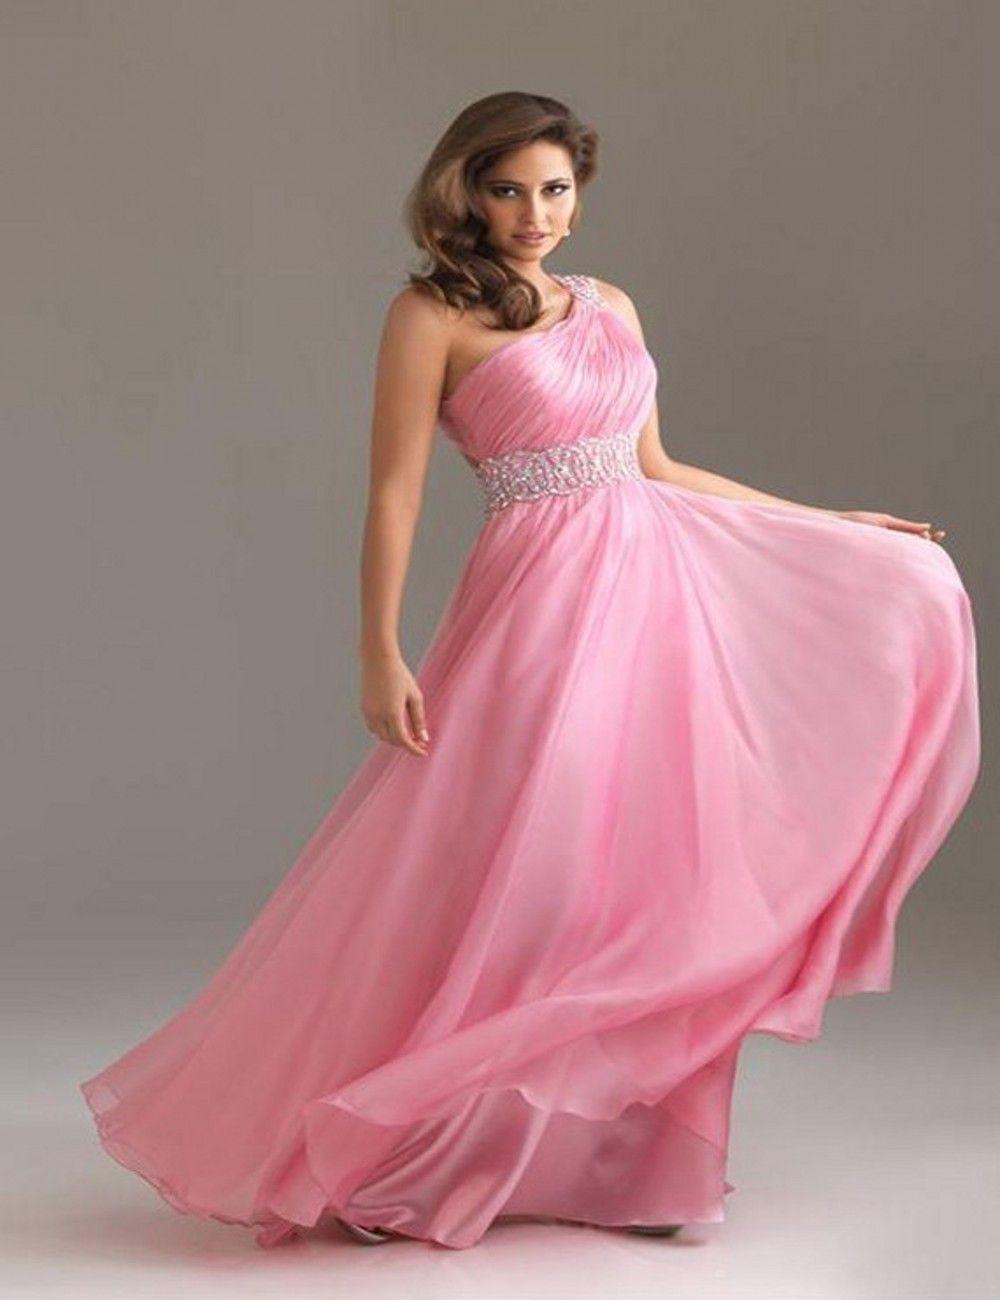 Hermosa Vestidos De Fiesta Emo Molde - Colección de Vestidos de Boda ...